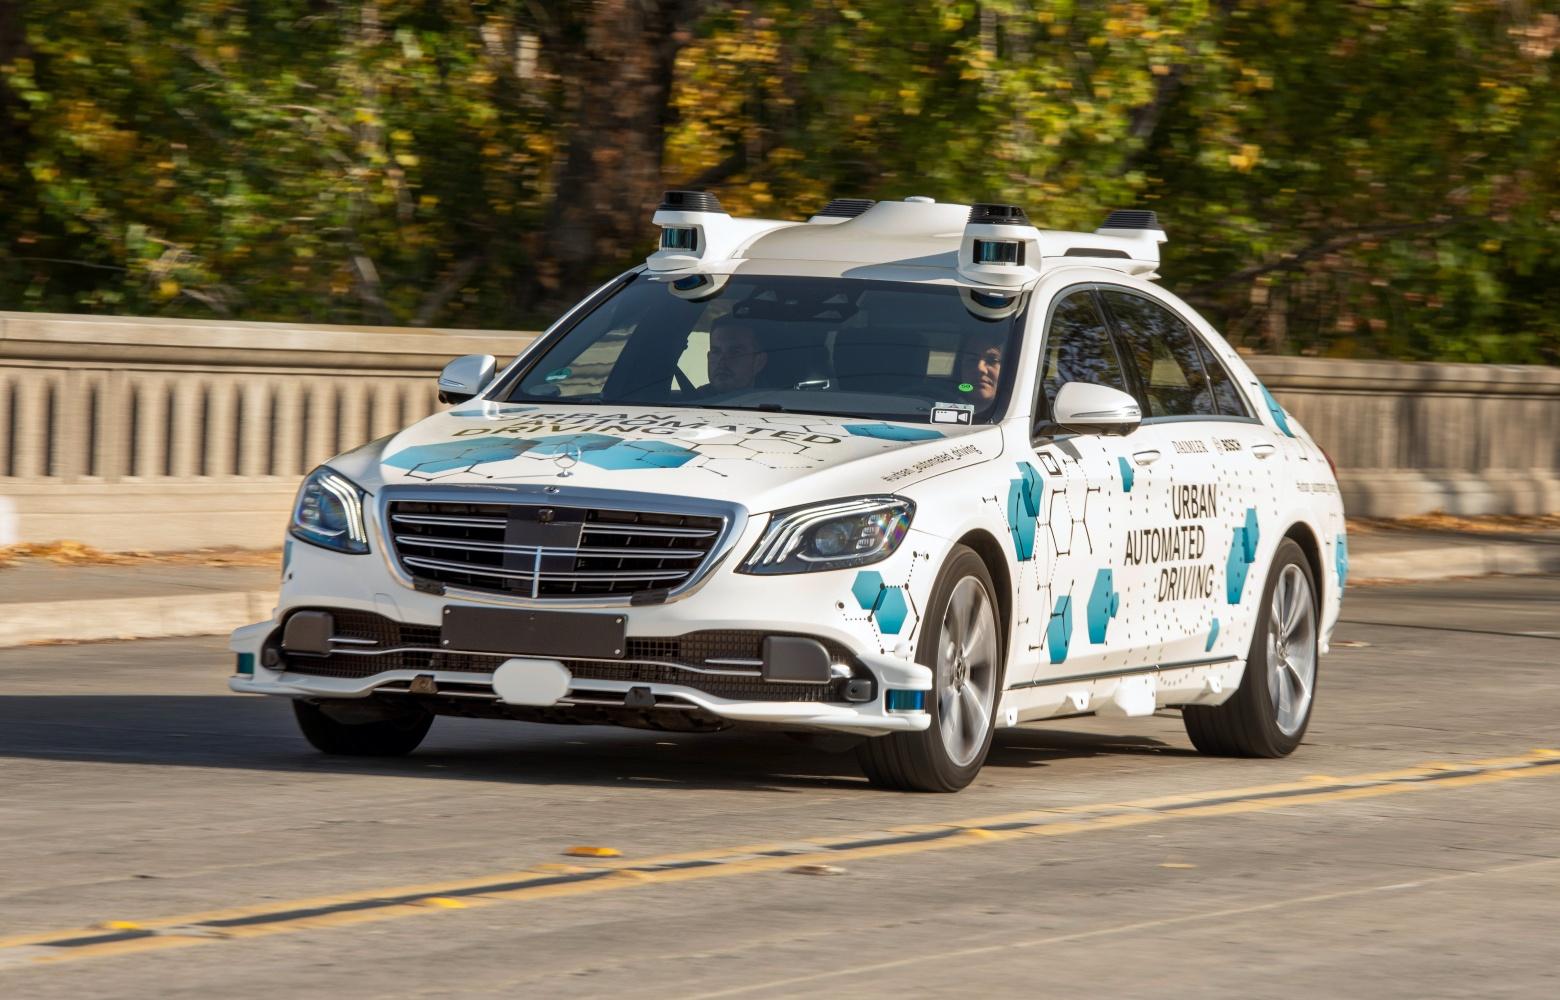 Mercedes i Bosch zmienili drogie limuzyny w autonomiczne taksówki 16